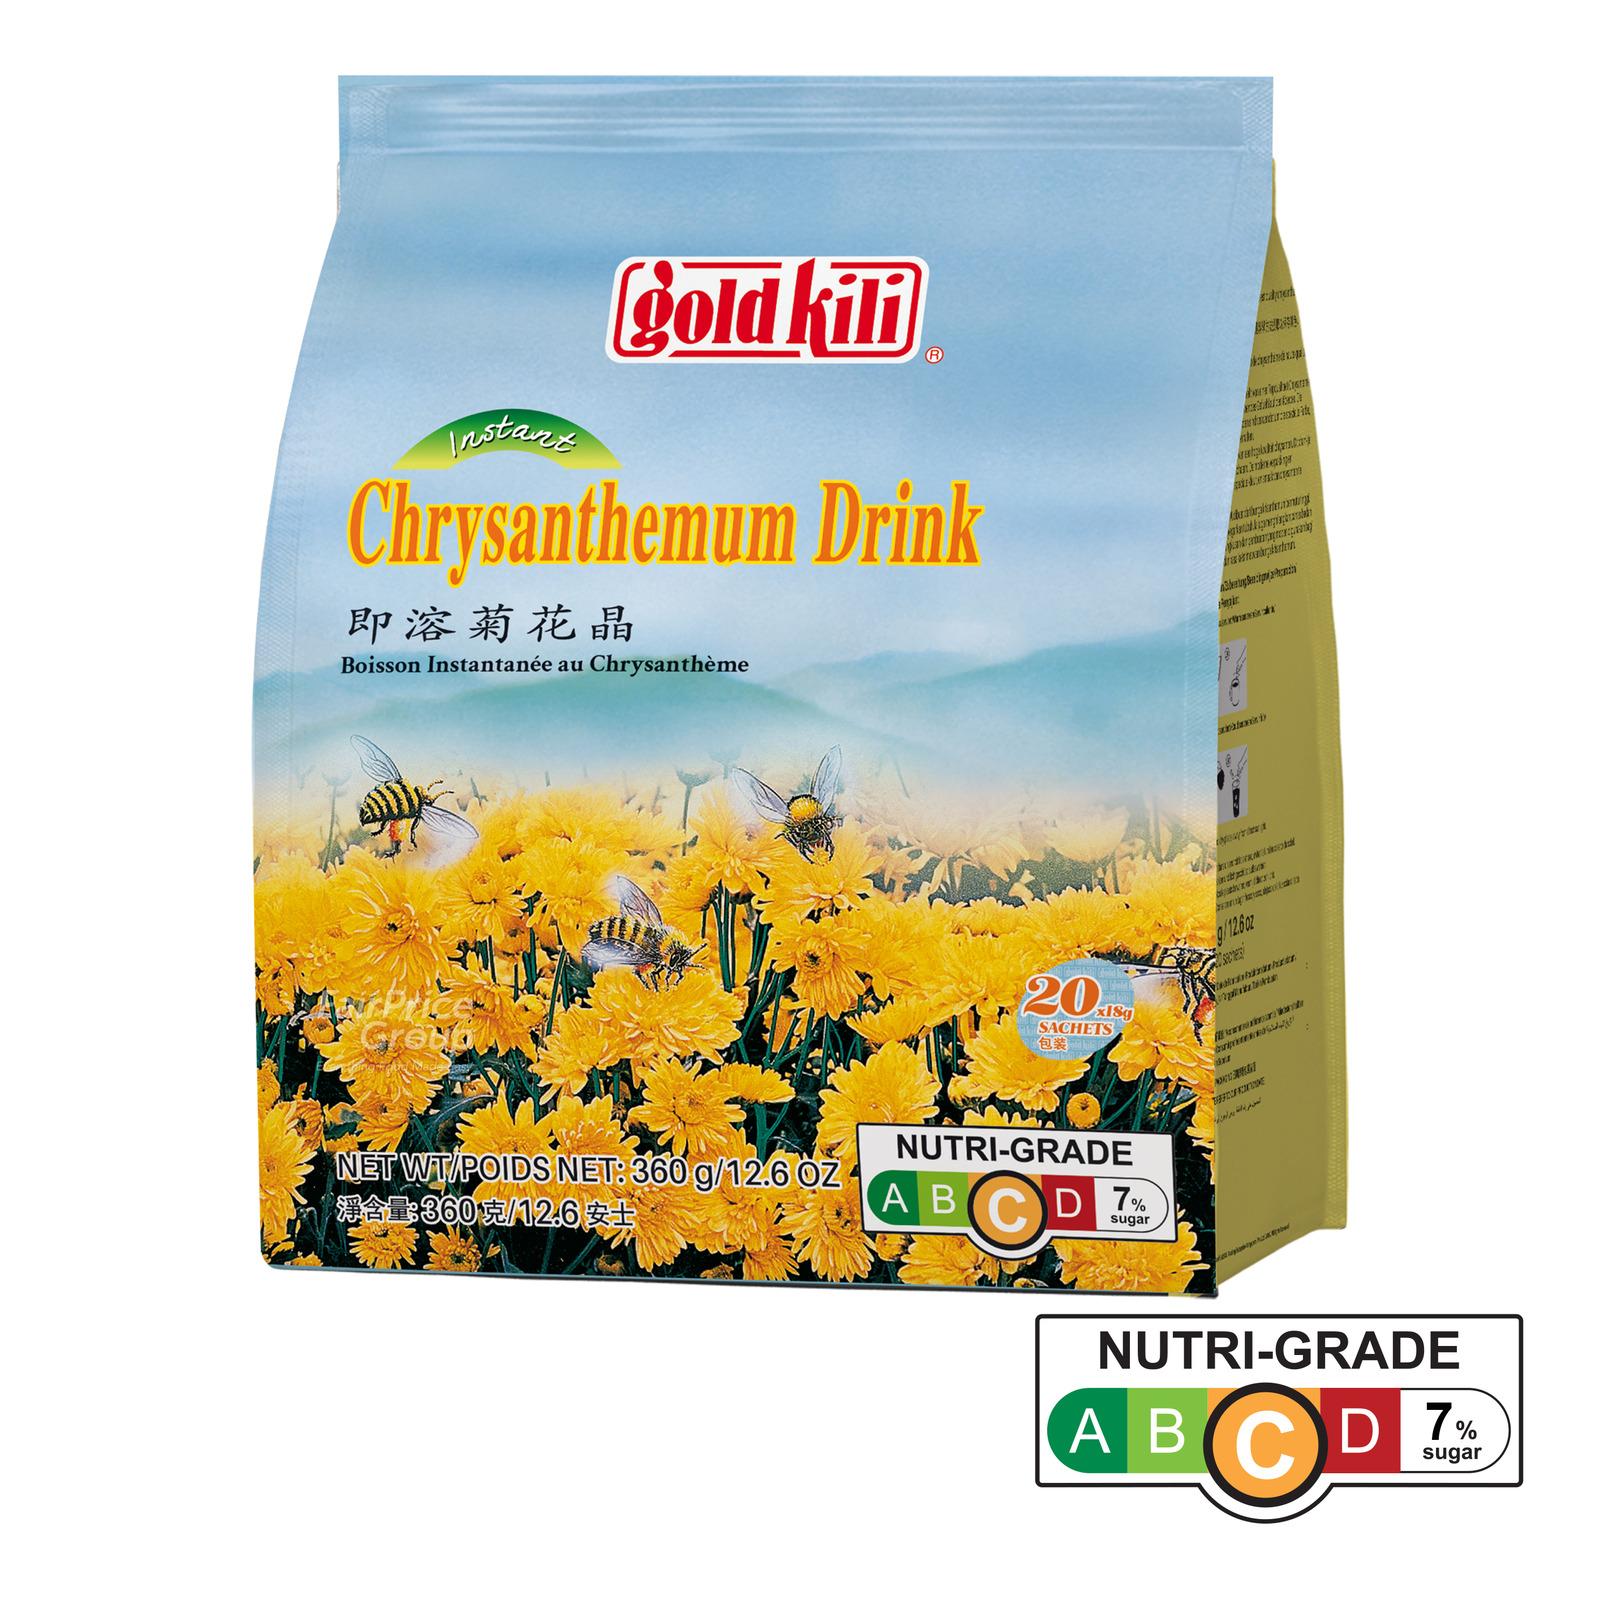 Gold Kili Instant Chrysanthemum Drink - Honey